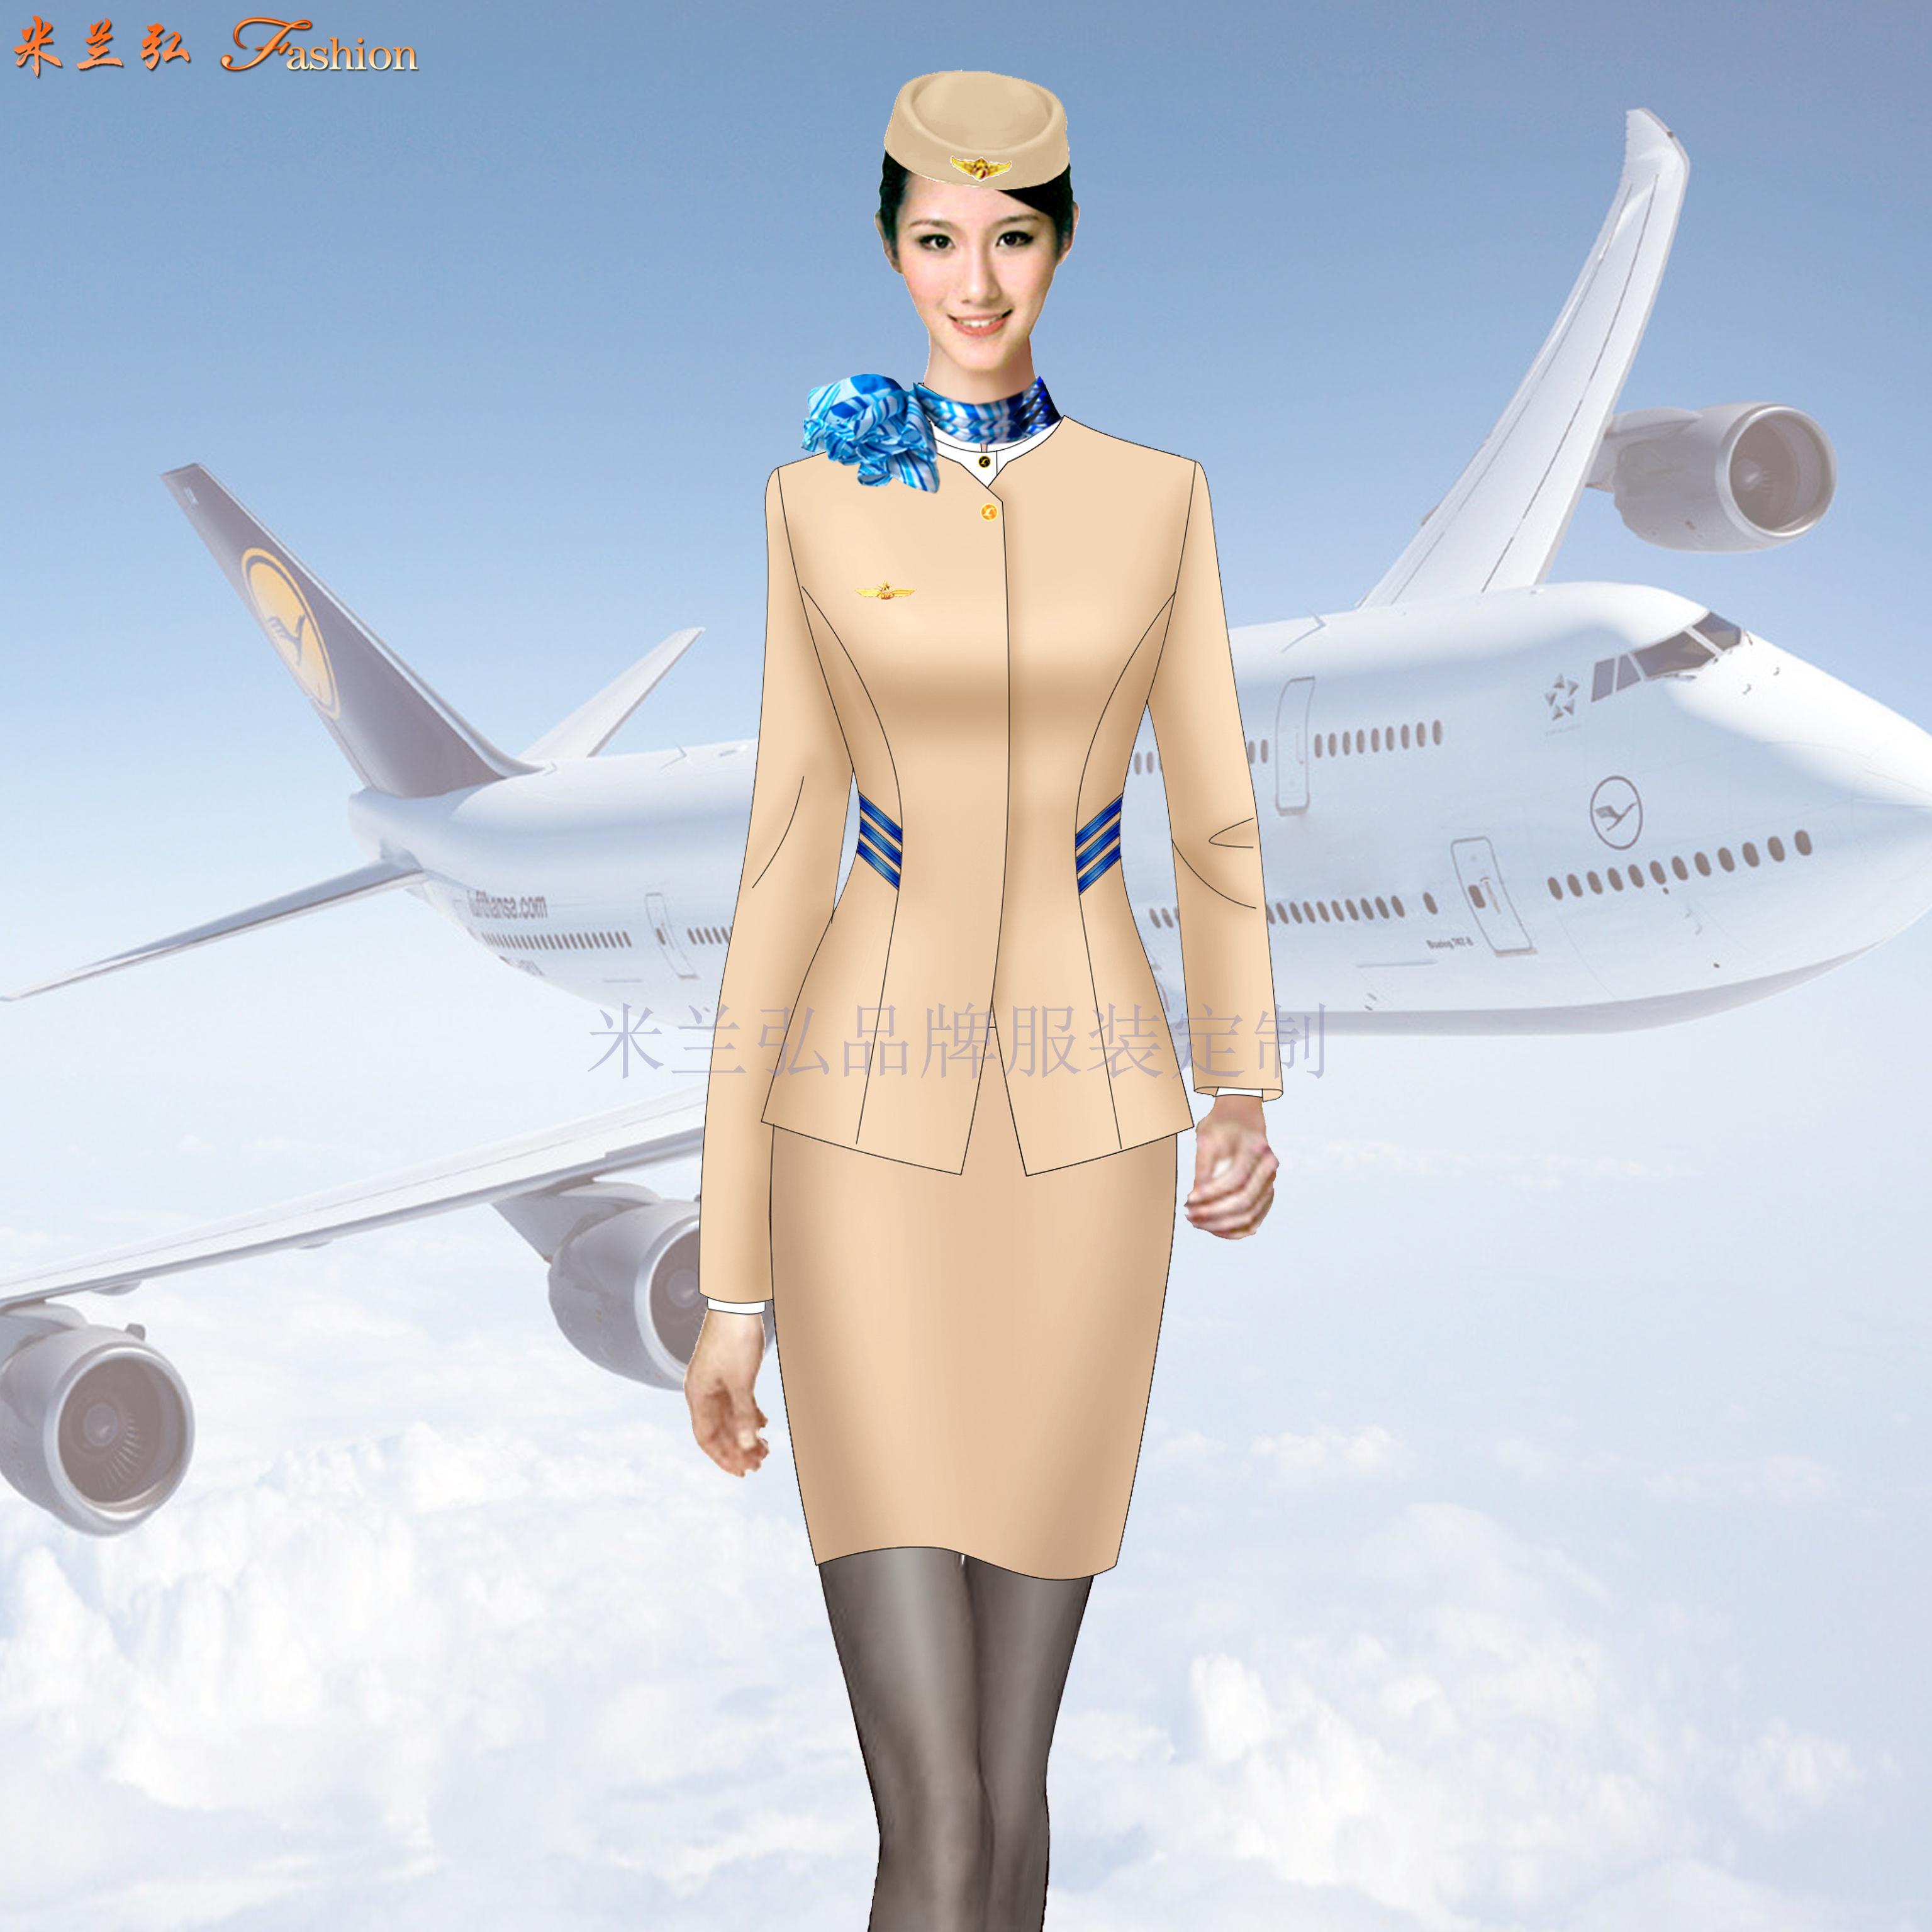 成都空姐服定制-空姐服設計制作公司-米蘭弘服裝-4